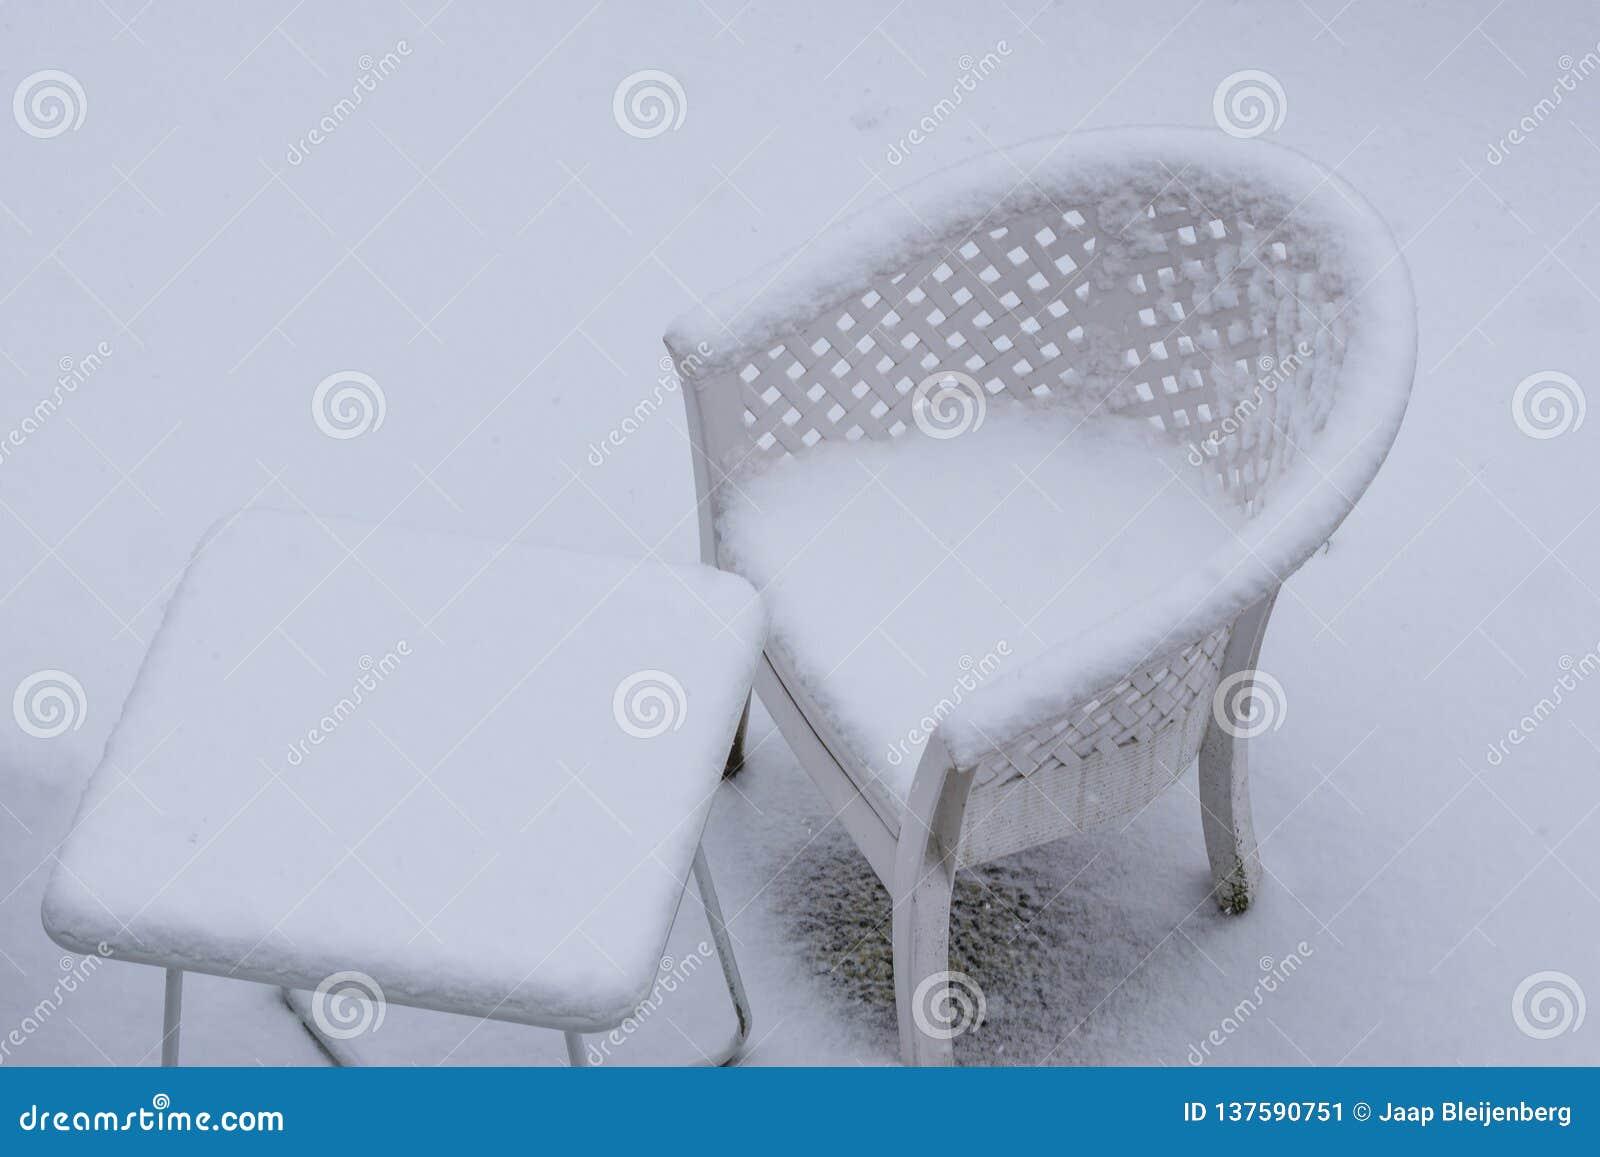 Table Blanche Et Chaise Longue Couvertes Dans Une Couche ...